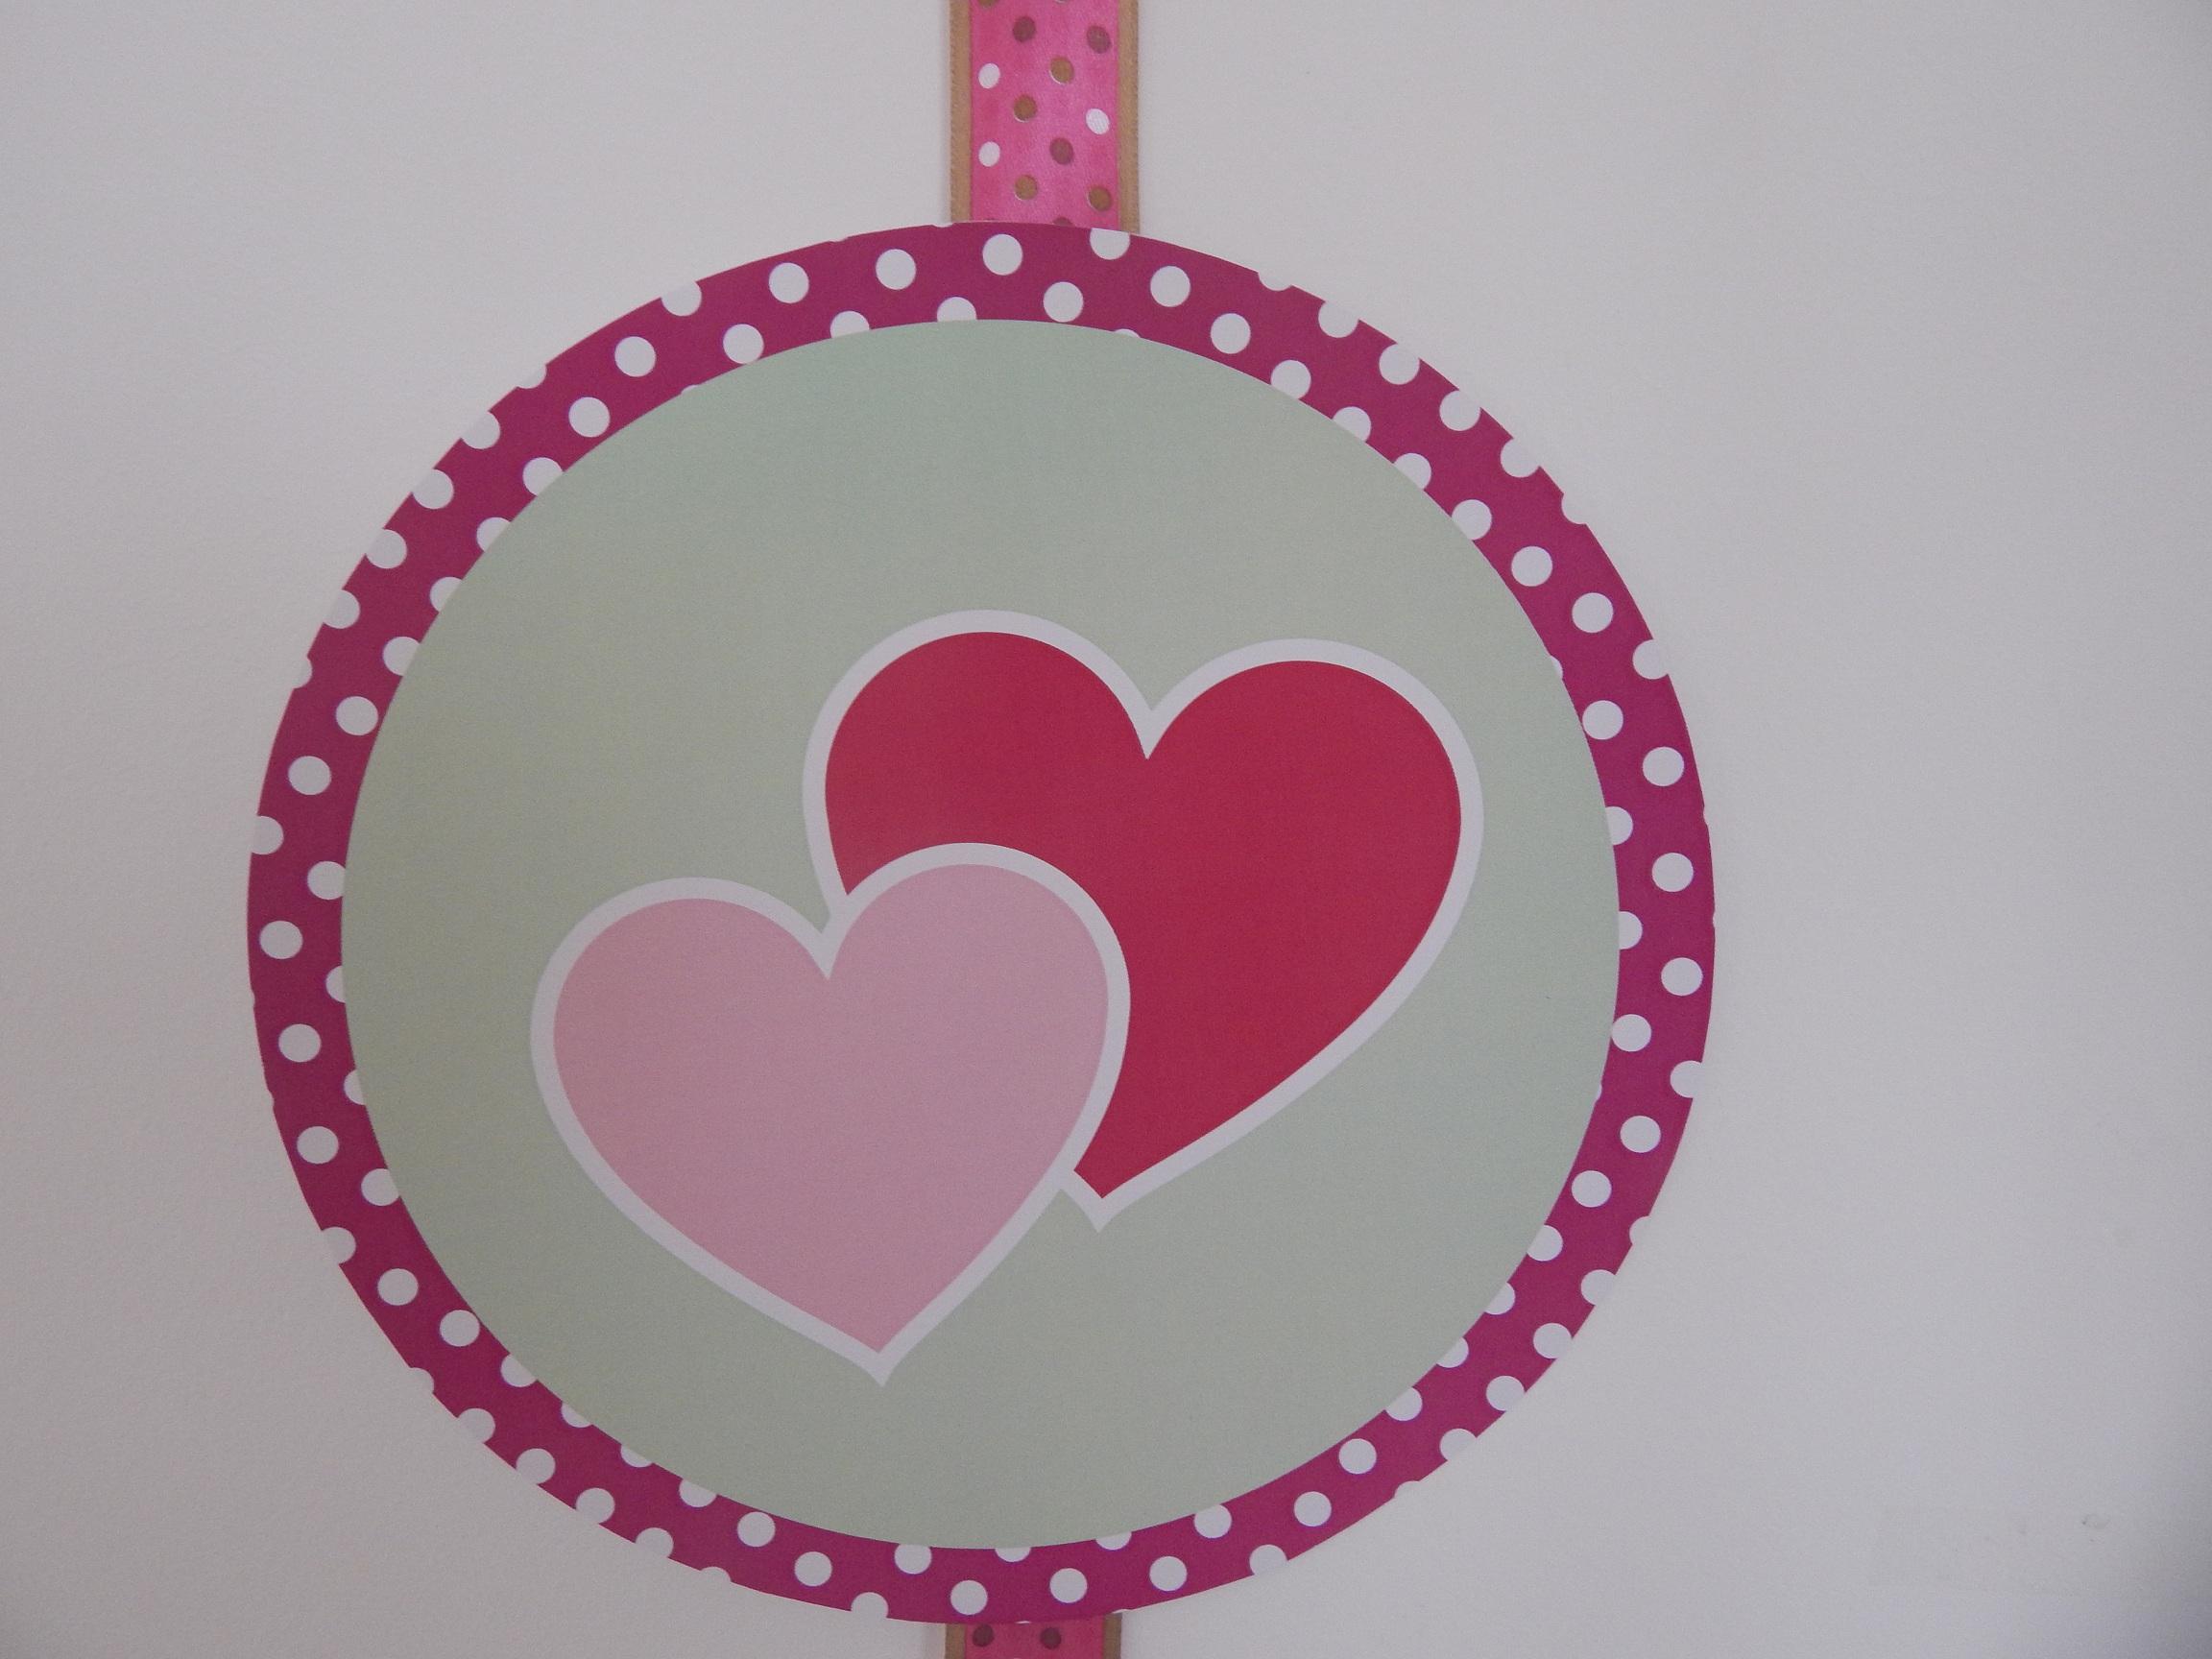 FESTA CLEAN Corujinhas rosa e verde  (118)